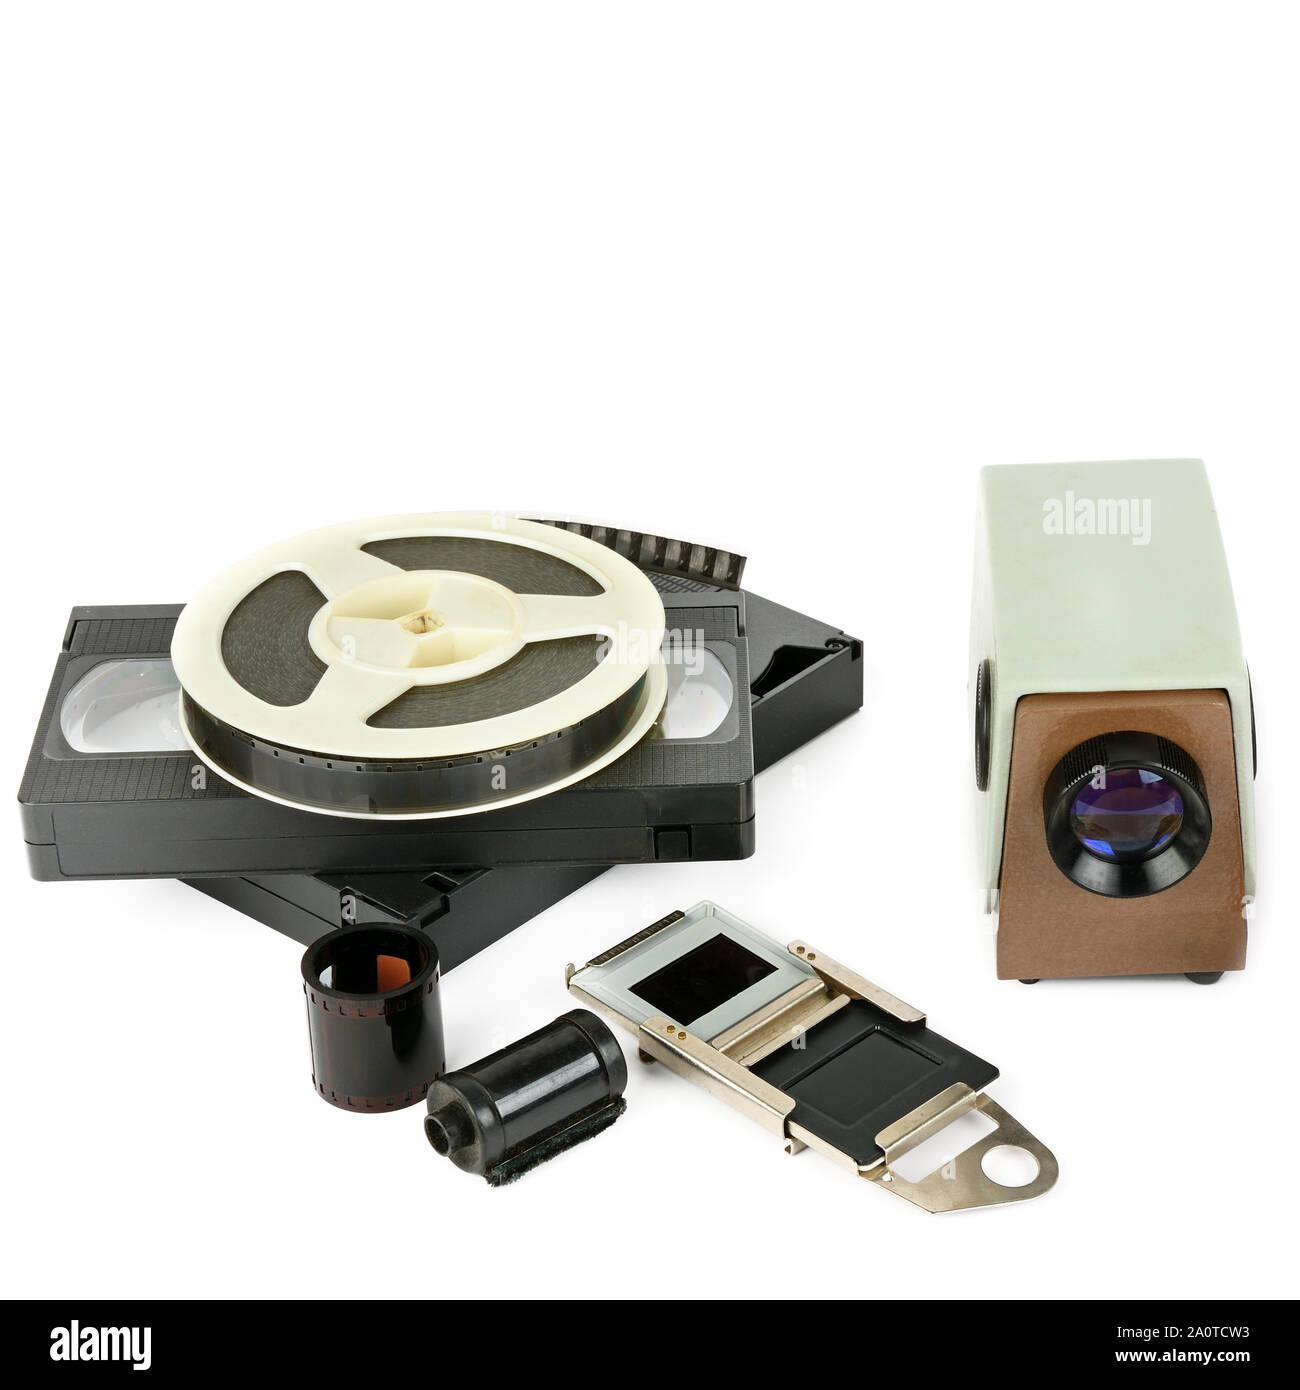 Vieilles cassettes vidéo et vidéo-projecteur avec diapositives isolé sur fond blanc. Espace libre pour le texte. Banque D'Images